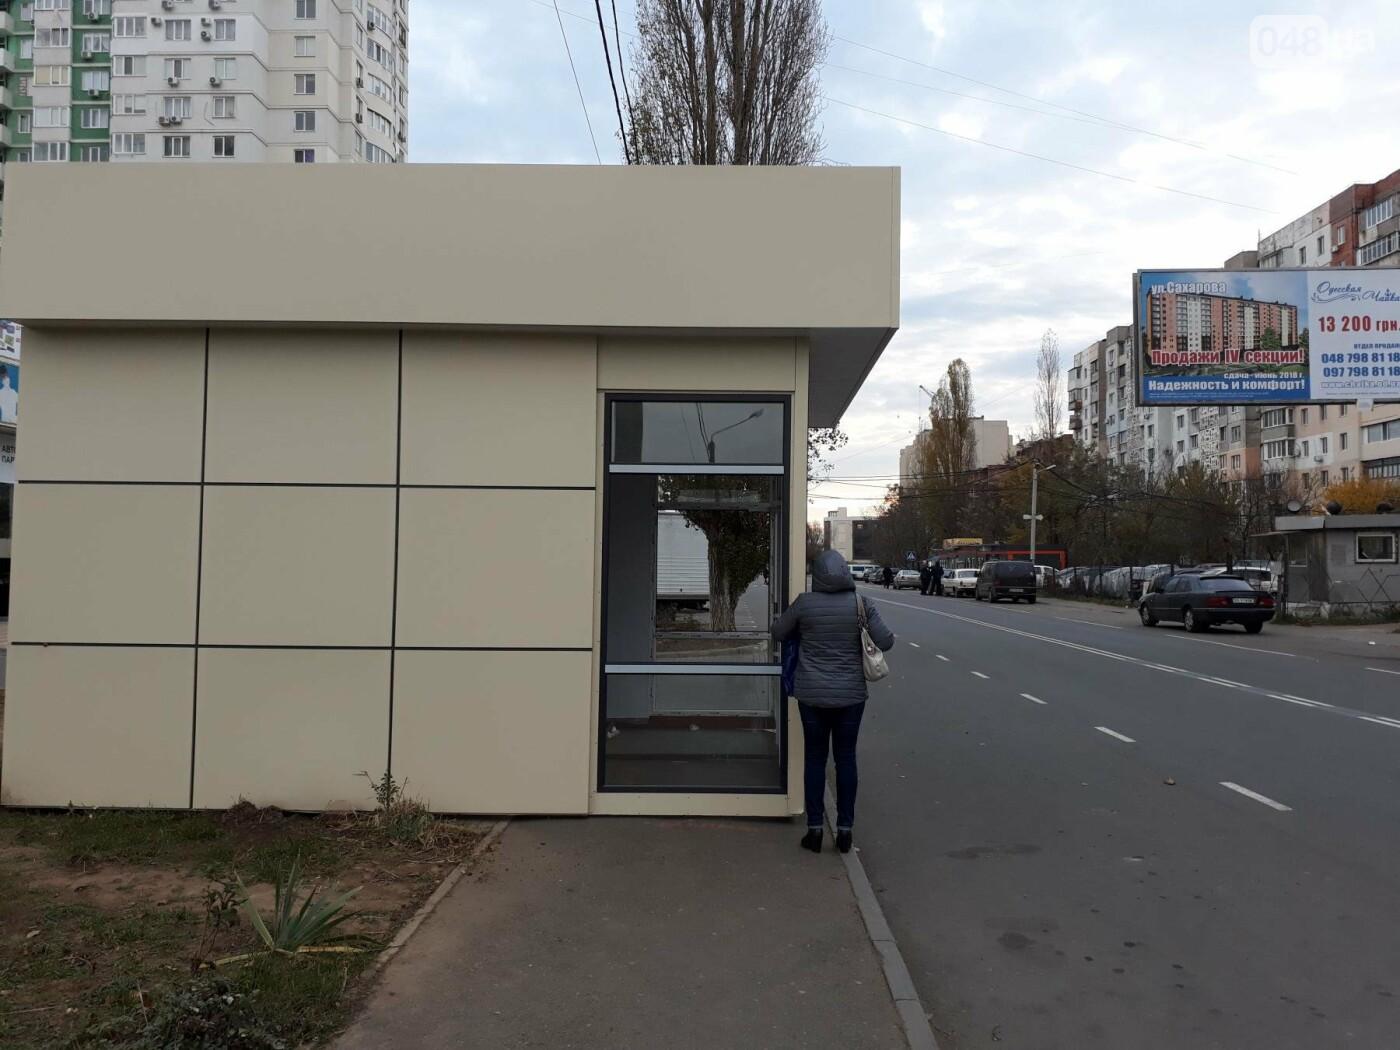 Одесситы просят не отправлять их под колеса автомобилей (ФОТО) , фото-3